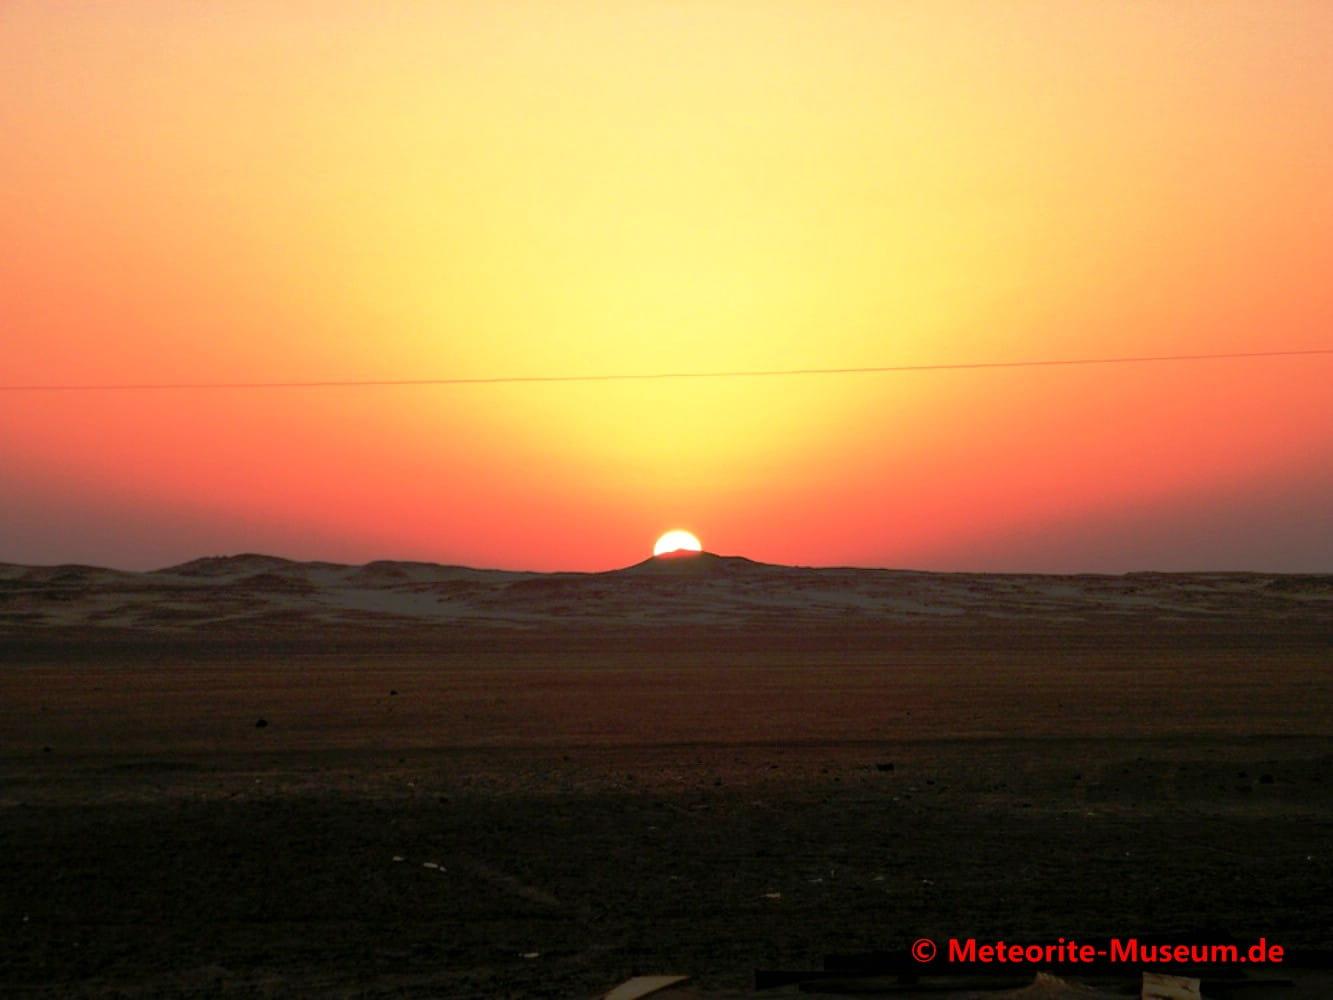 Sonnenuntergang in der nubischen Wüste nahe der Almahata Sitta Meteoriten-Fundstelle